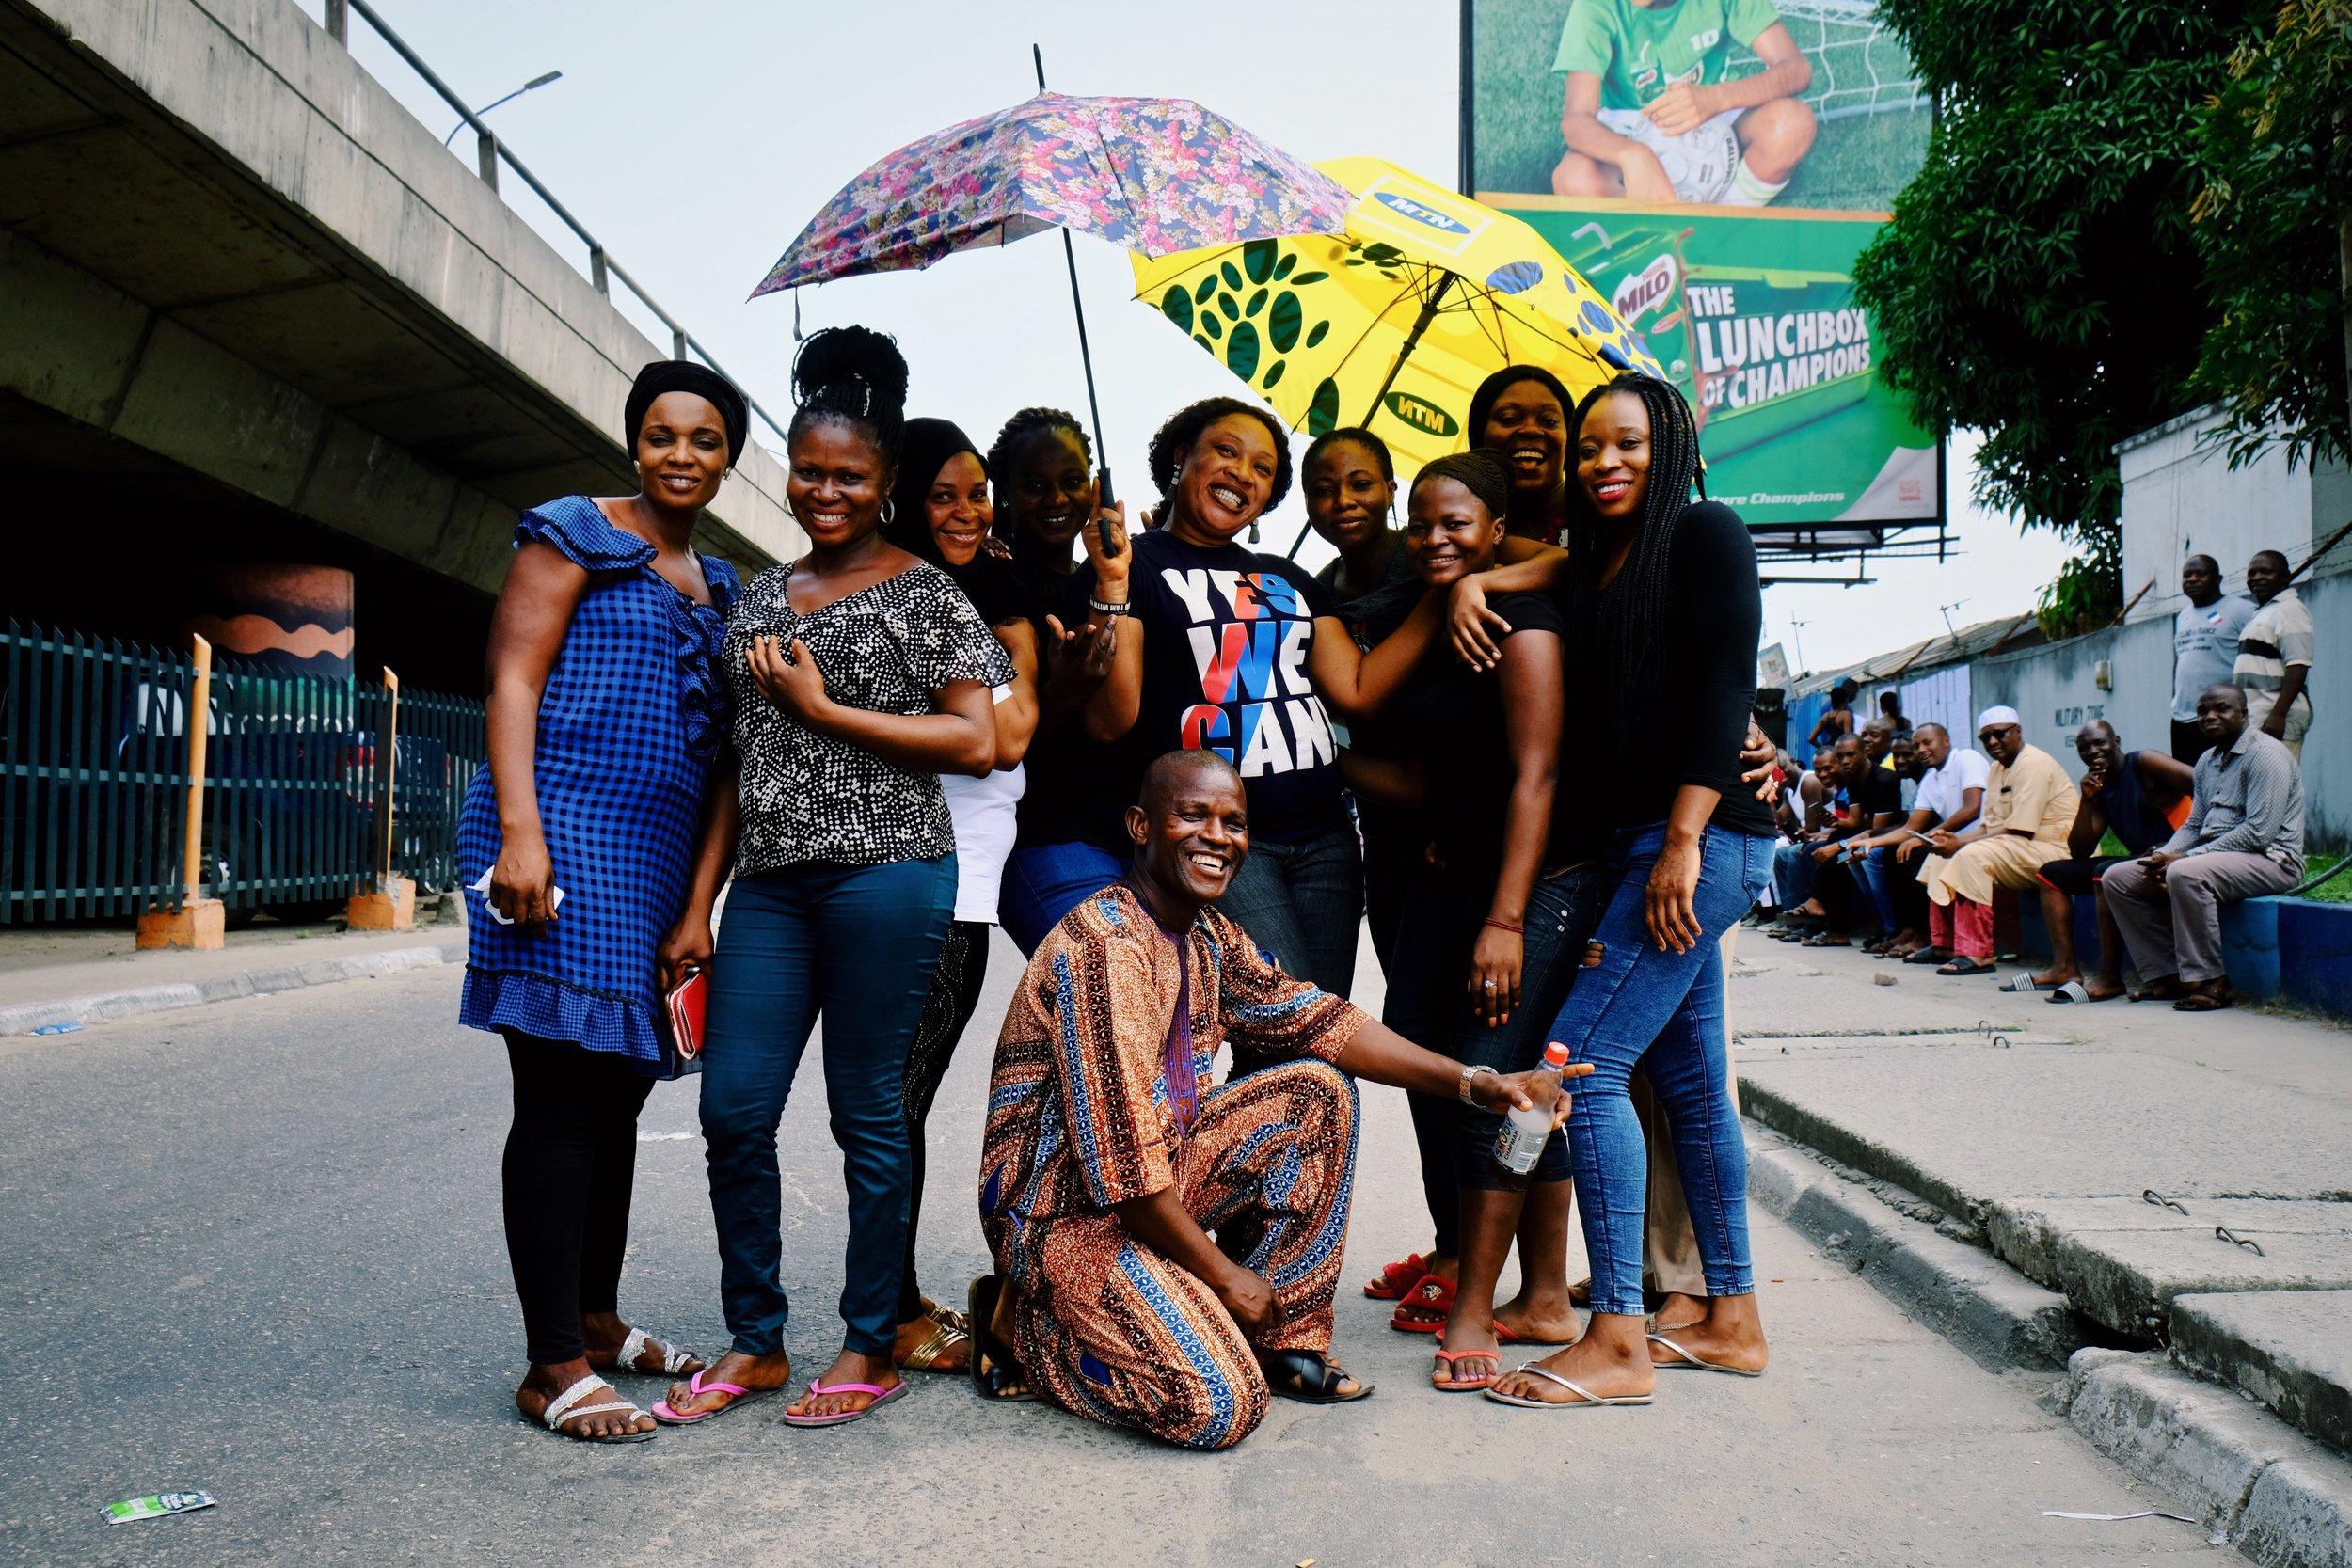 Nigeria elections in Lagos by Joost Bastmeijer 7.JPG